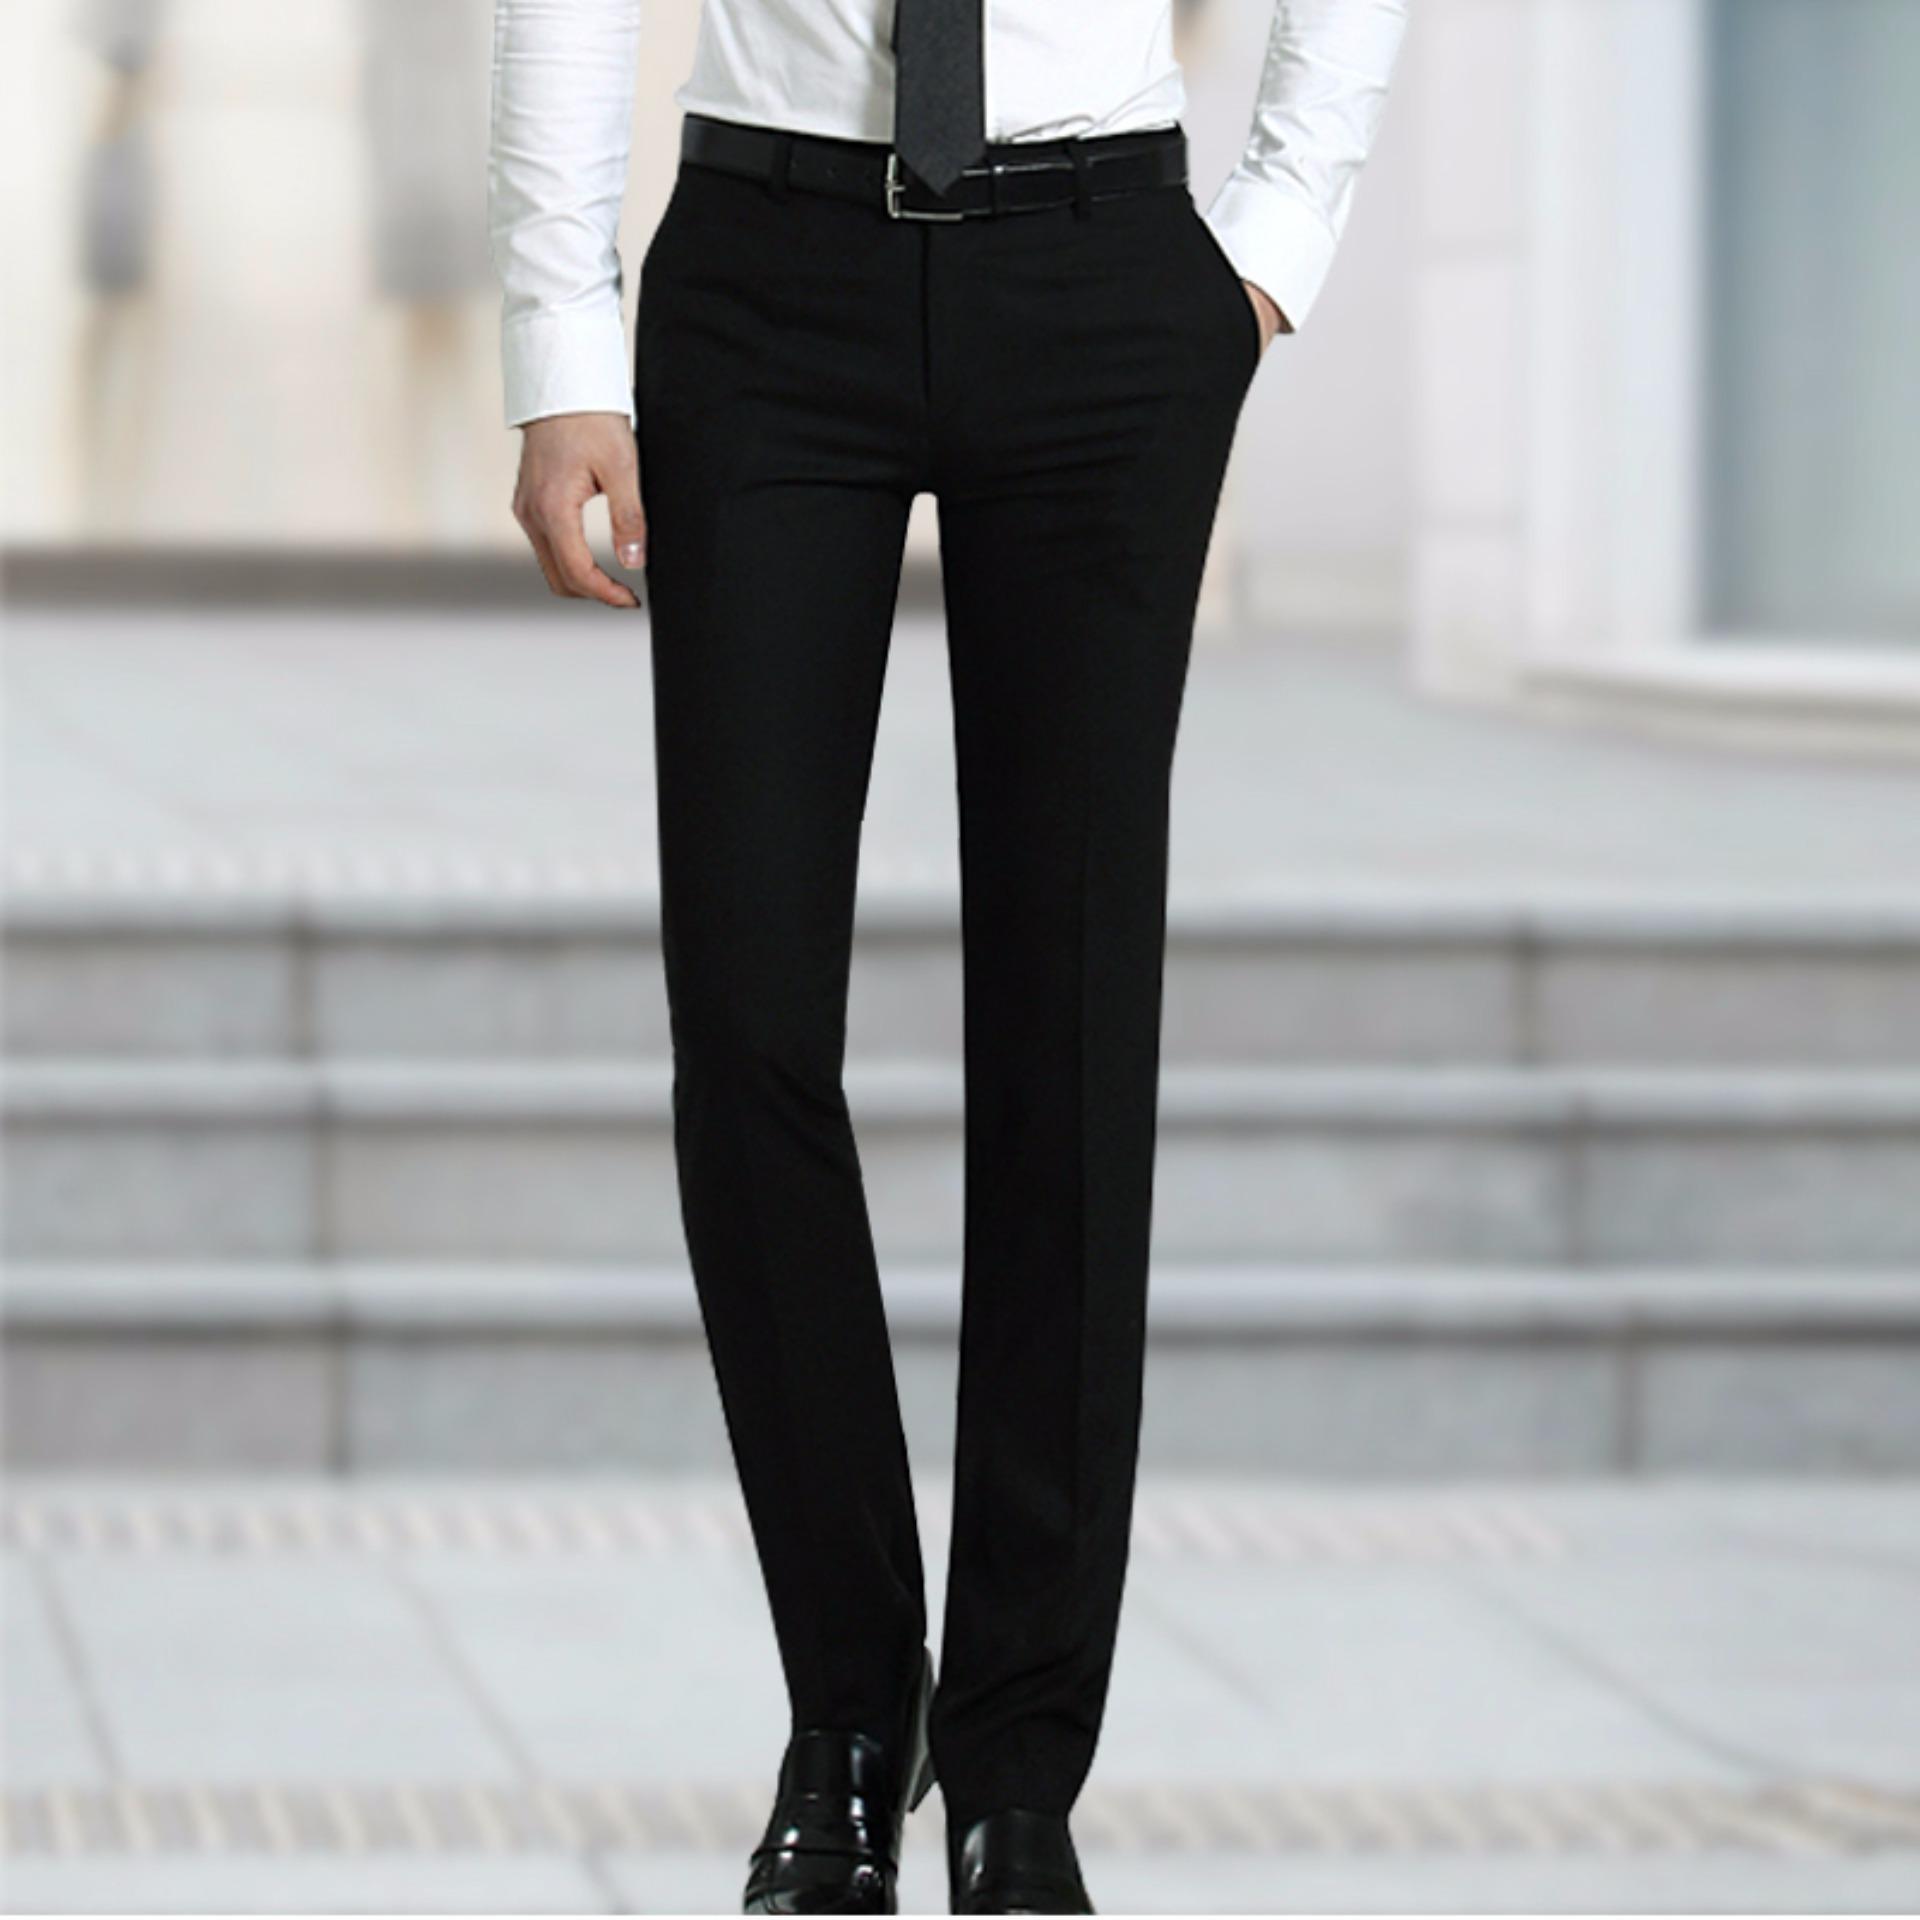 Pola ukuran normal Nusantara Jeans Celana Bahan Pria Formal Kantoran Premium Kuality Slim Fit - Hitam